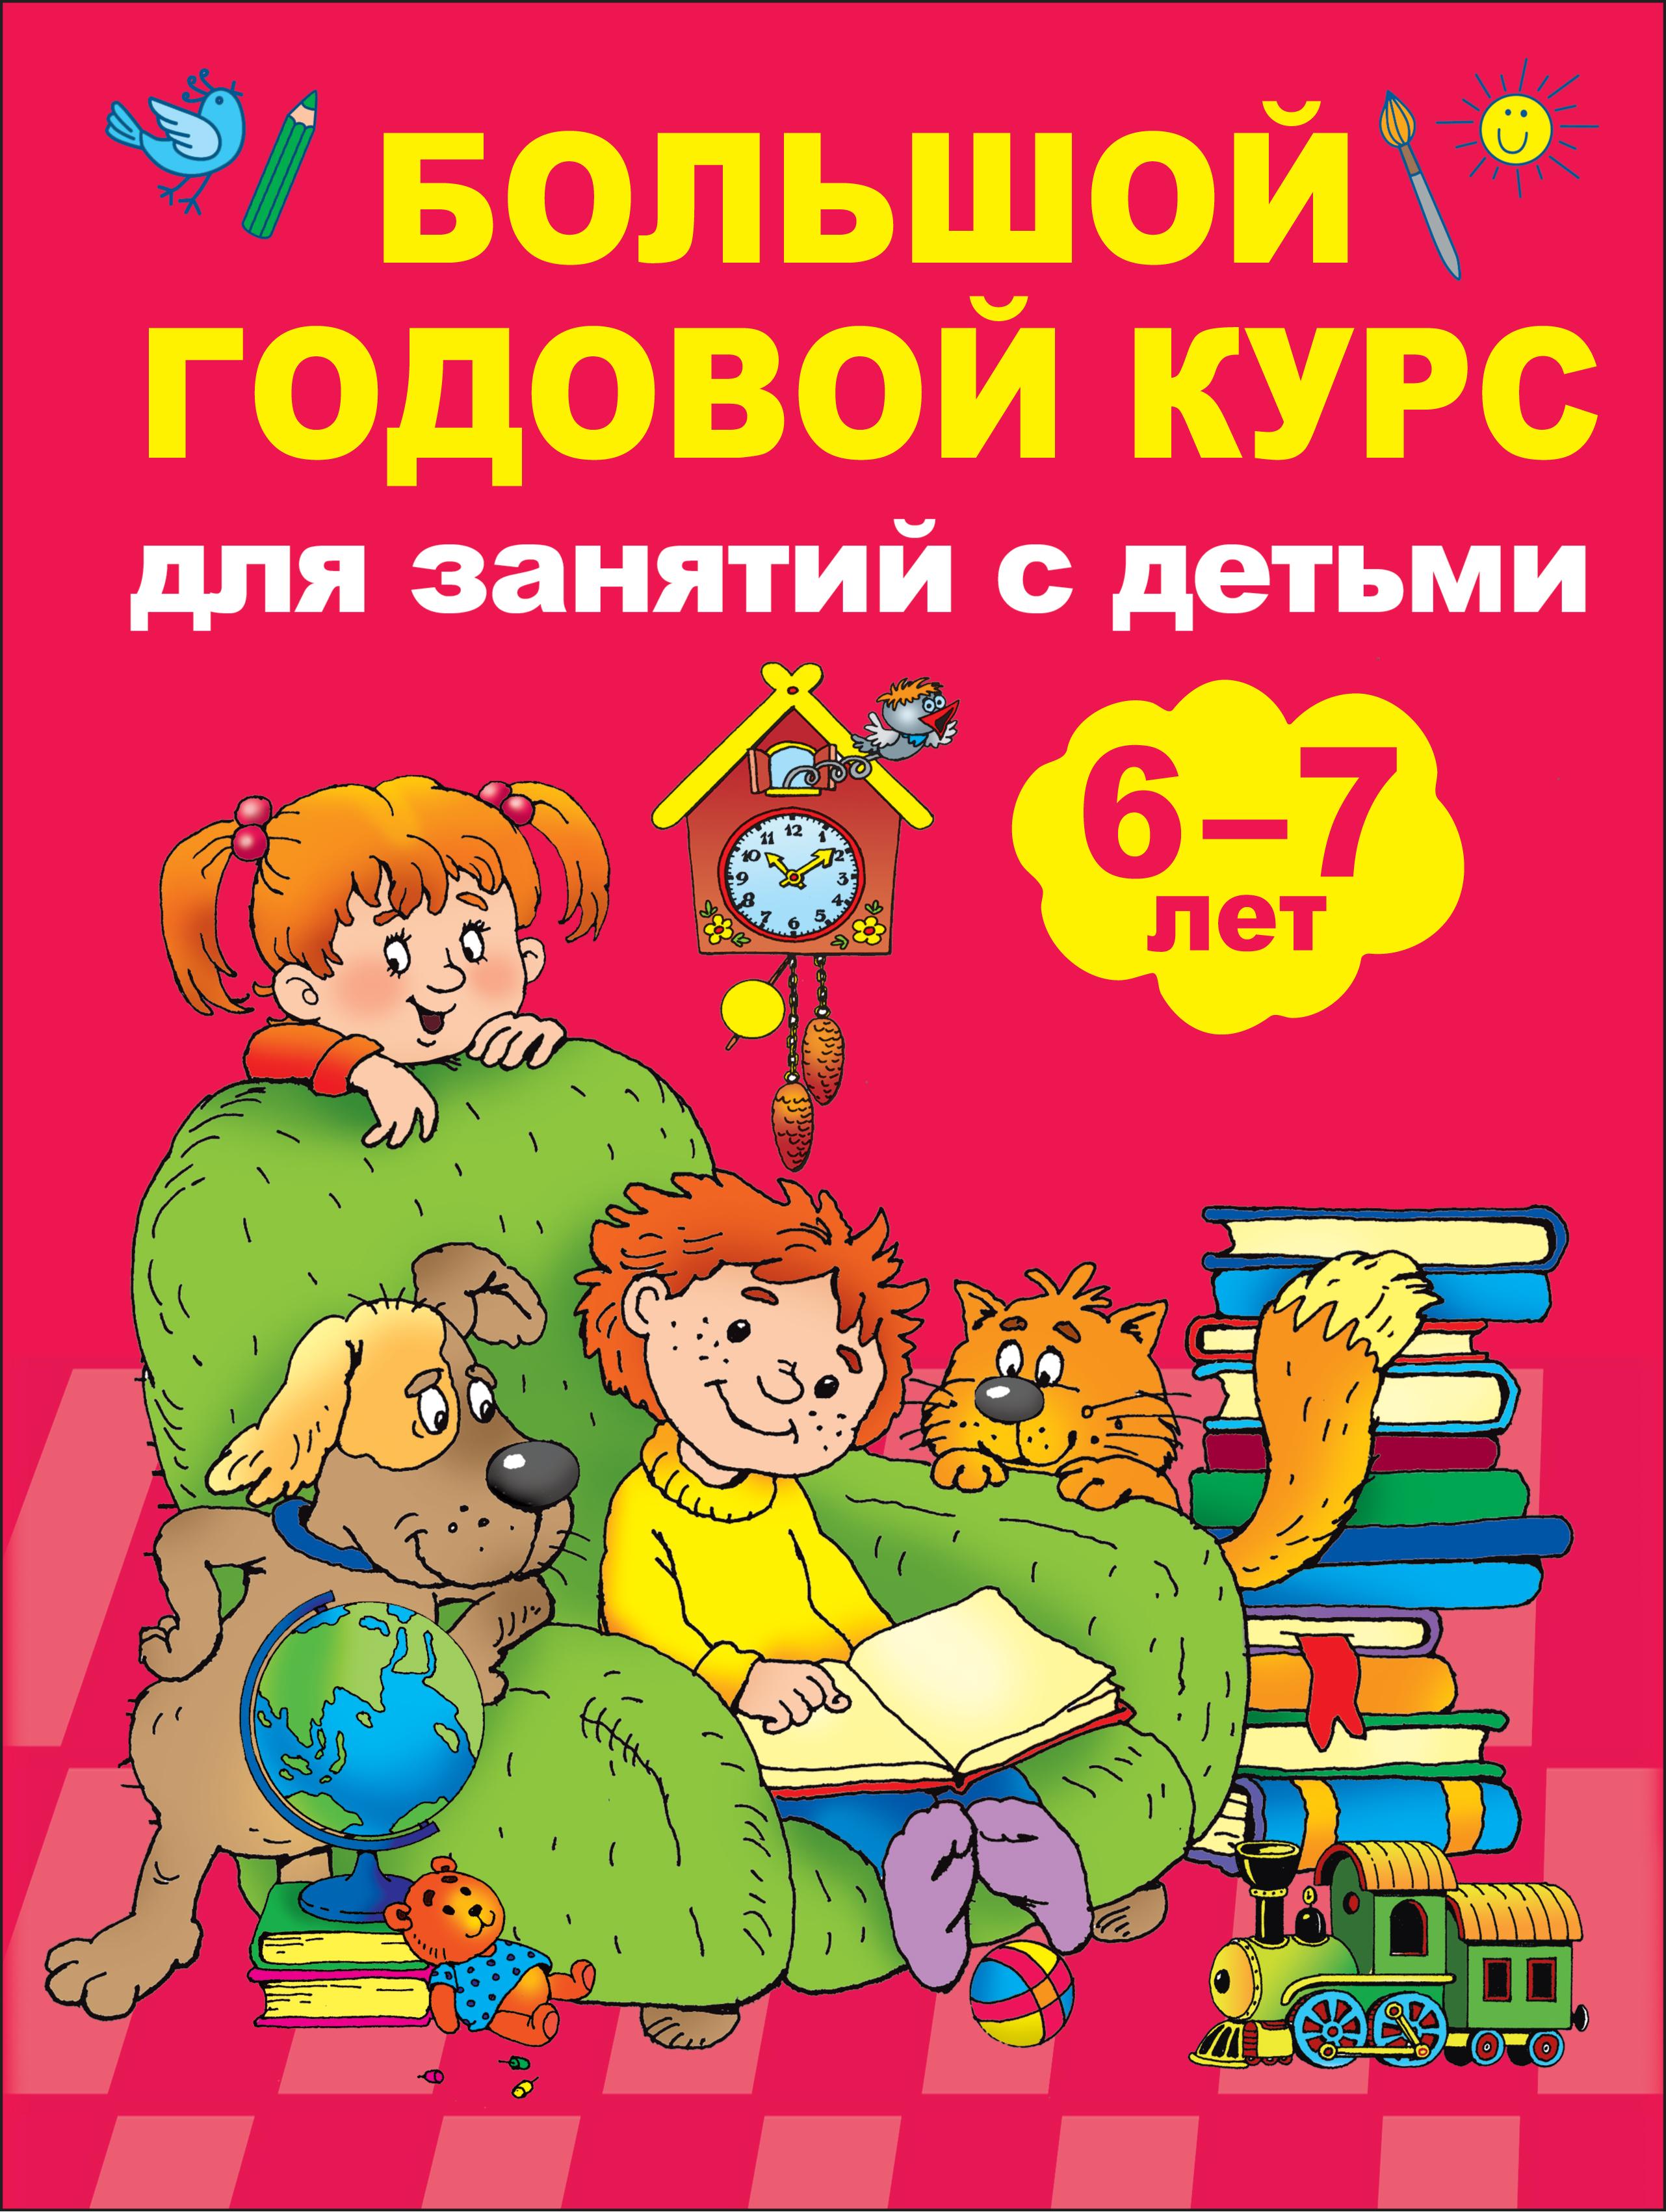 Дмитриева В.Г. Большой годовой курс для занятий с детьми 6-7 лет в г дмитриева большой годовой курс для занятий с детьми 6 7 лет